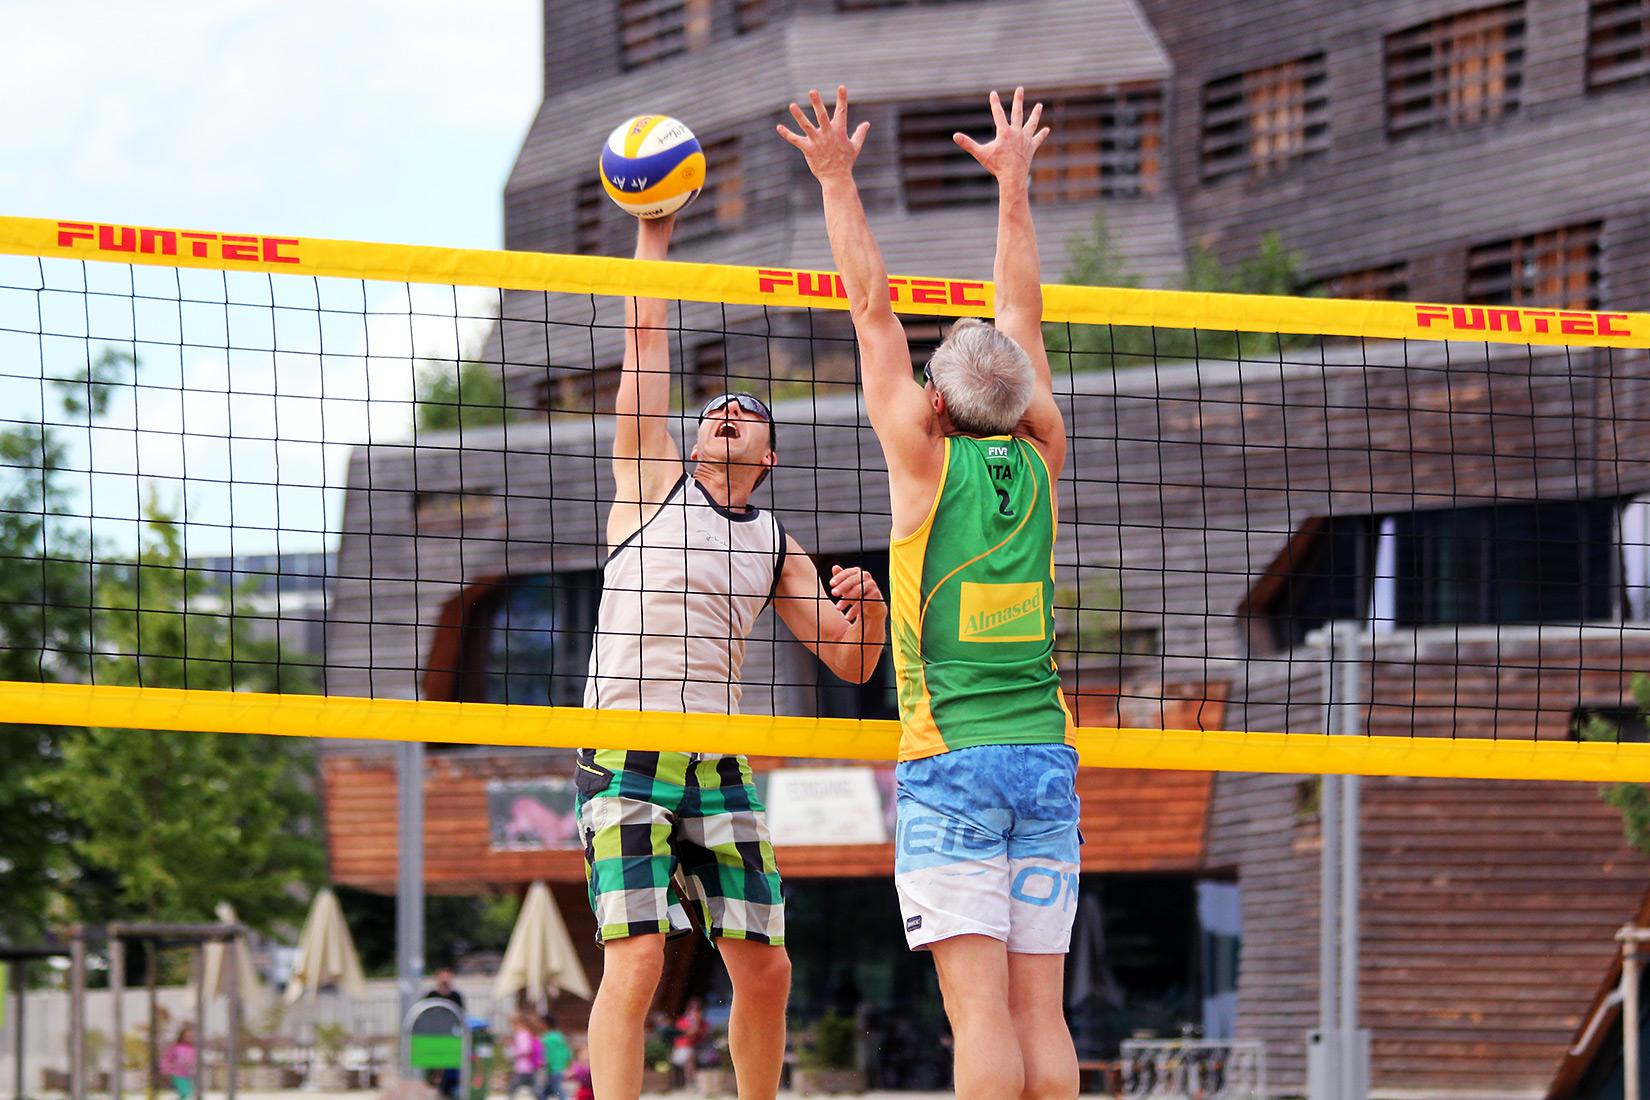 Heißes Beachvolleyball-Match bei hansebeach